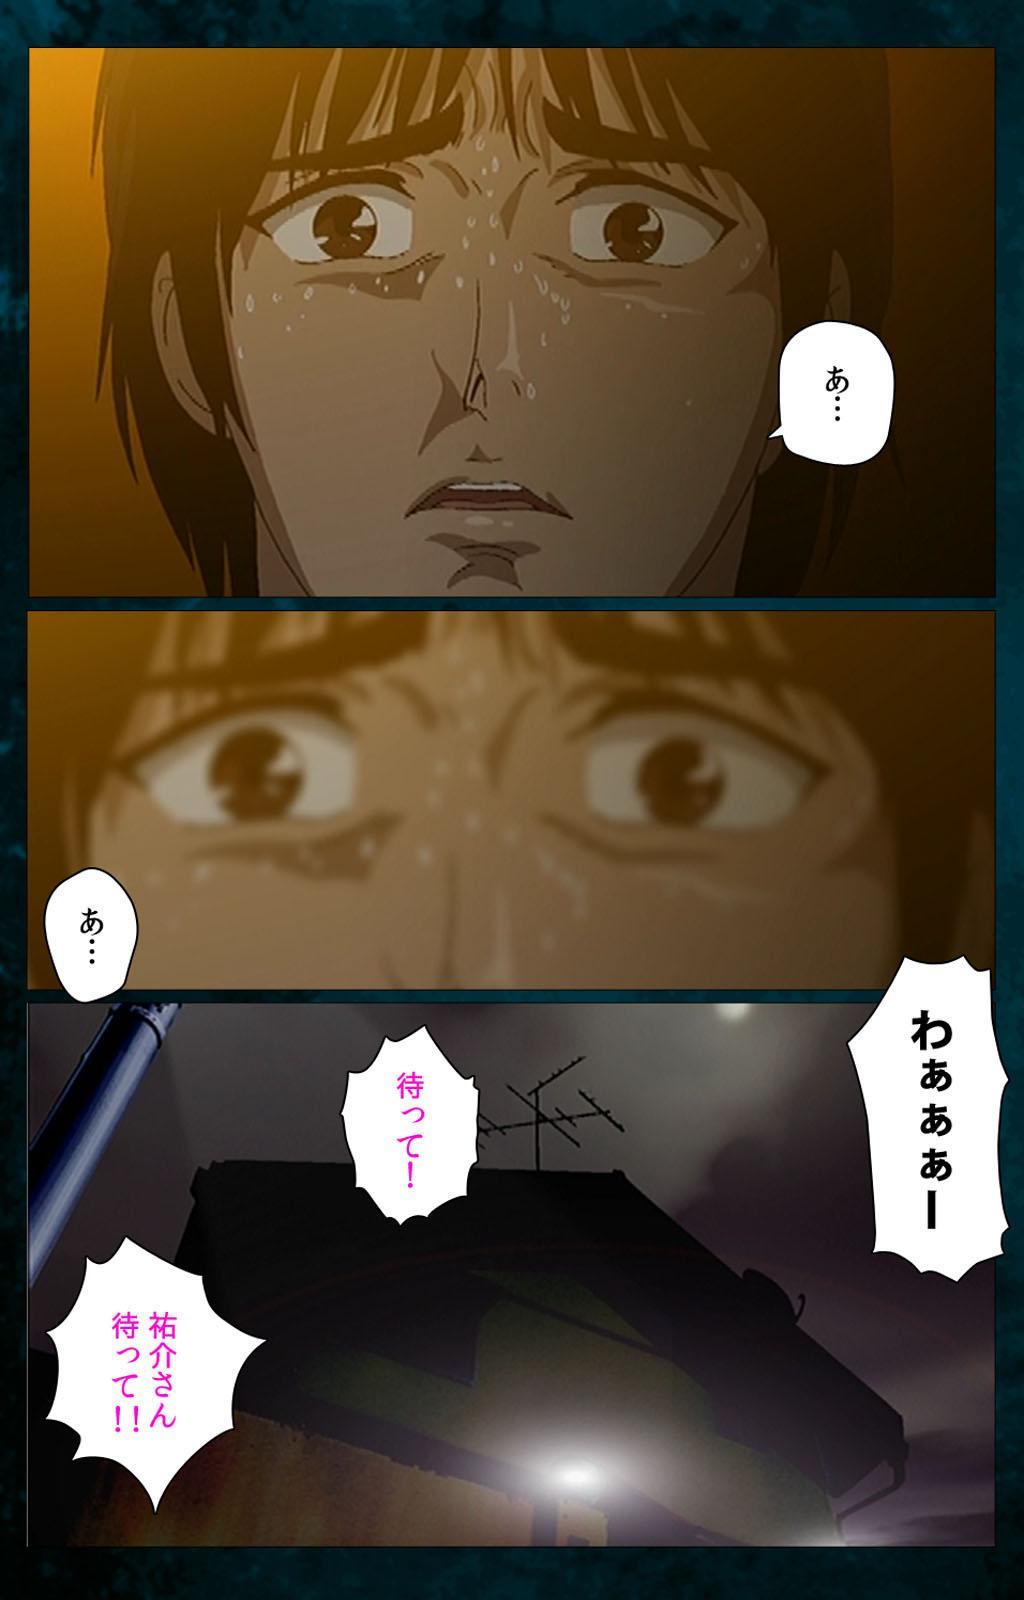 Gibo kanzenhan 211